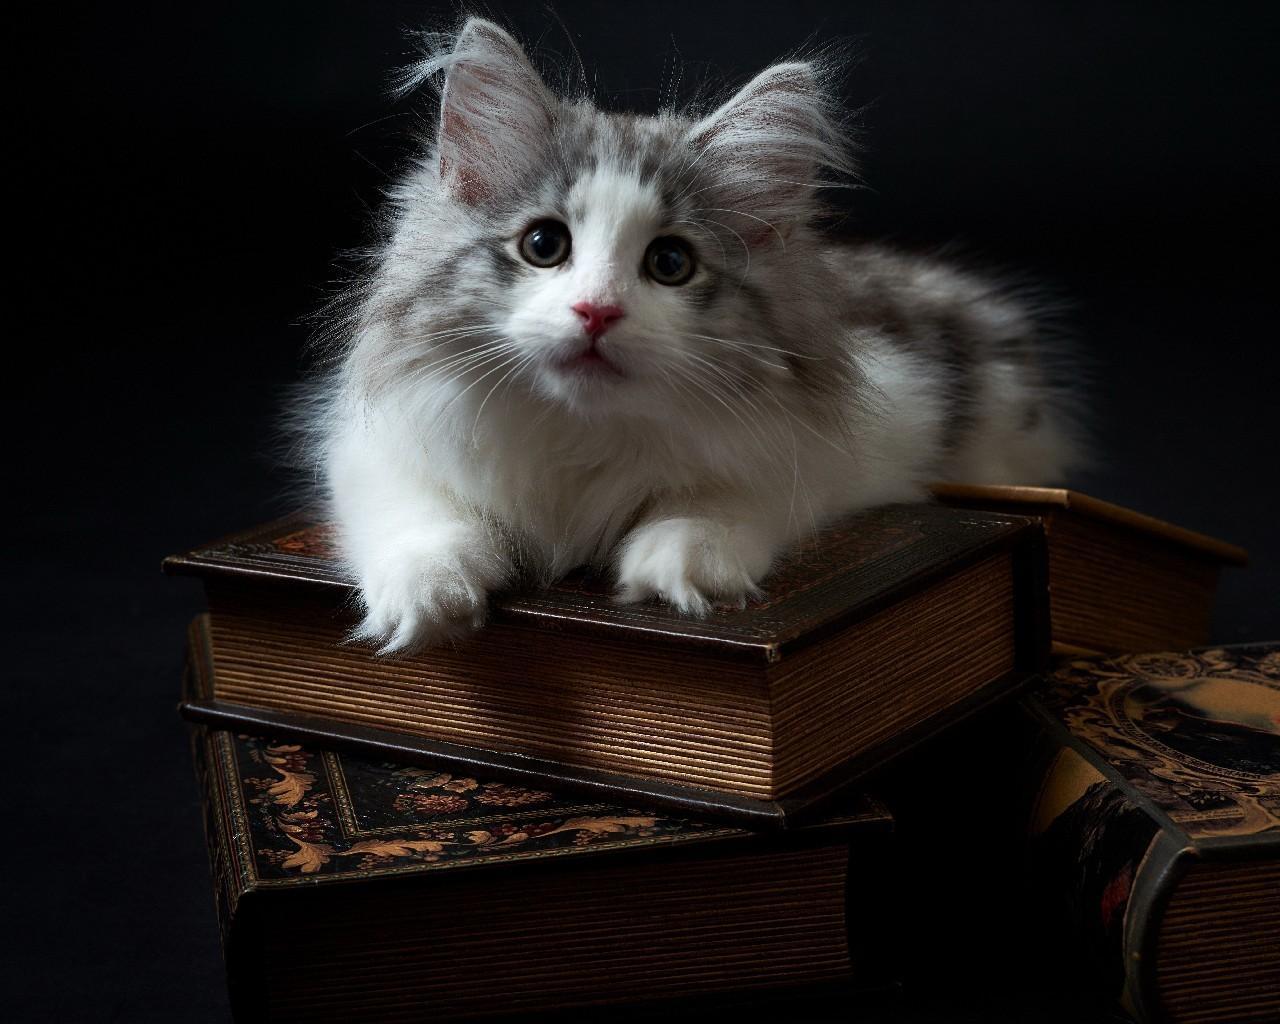 Android 用の 面白い猫の壁紙 Apk をダウンロード